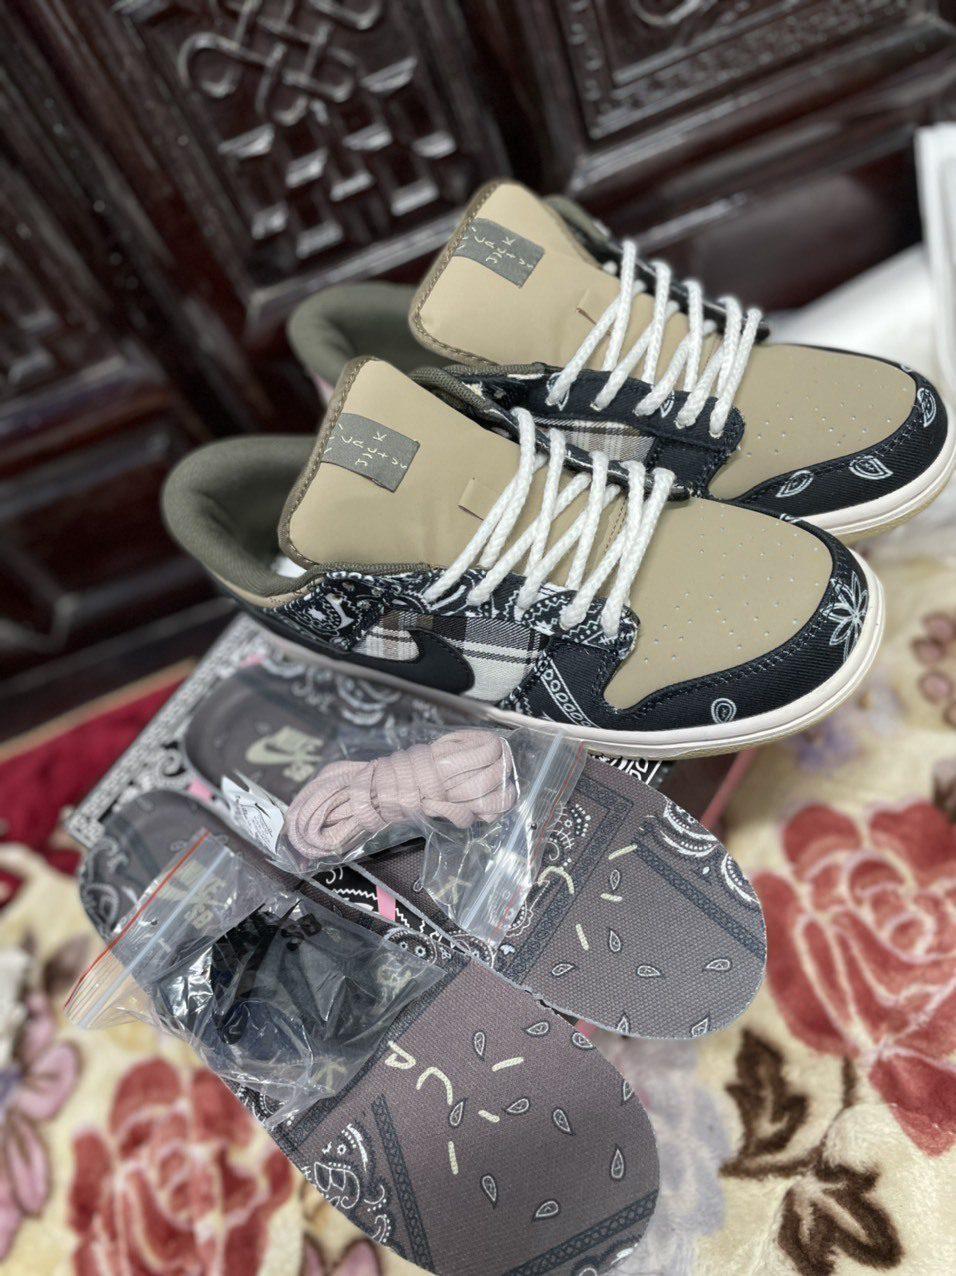 Lót giày và dây đi kèm Nike SB Dunk Low Travis Scott